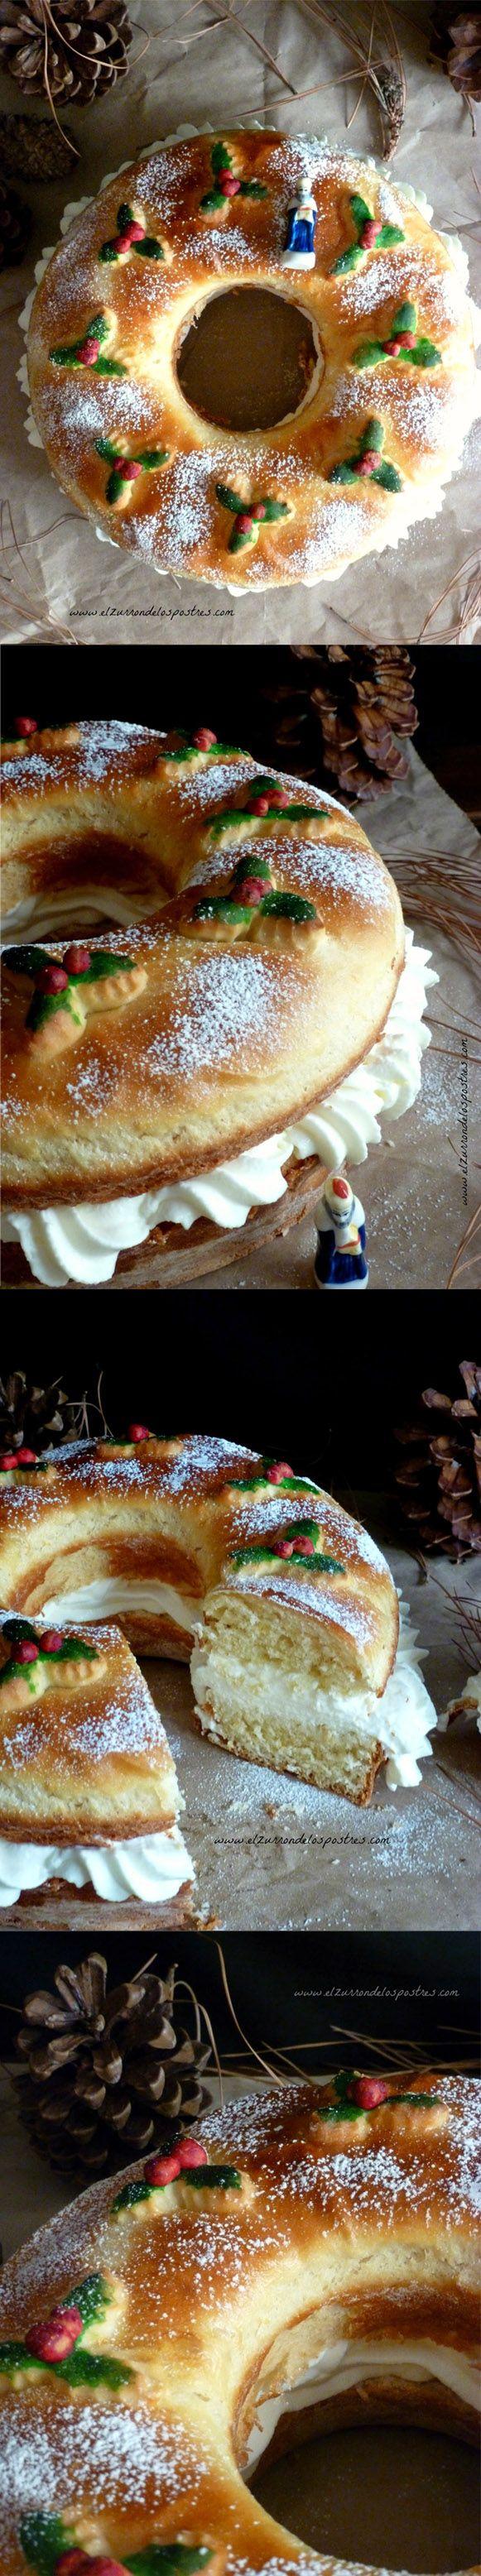 Roscón de Reyes relleno de nata / http://www.elzurrondelospostres.com/